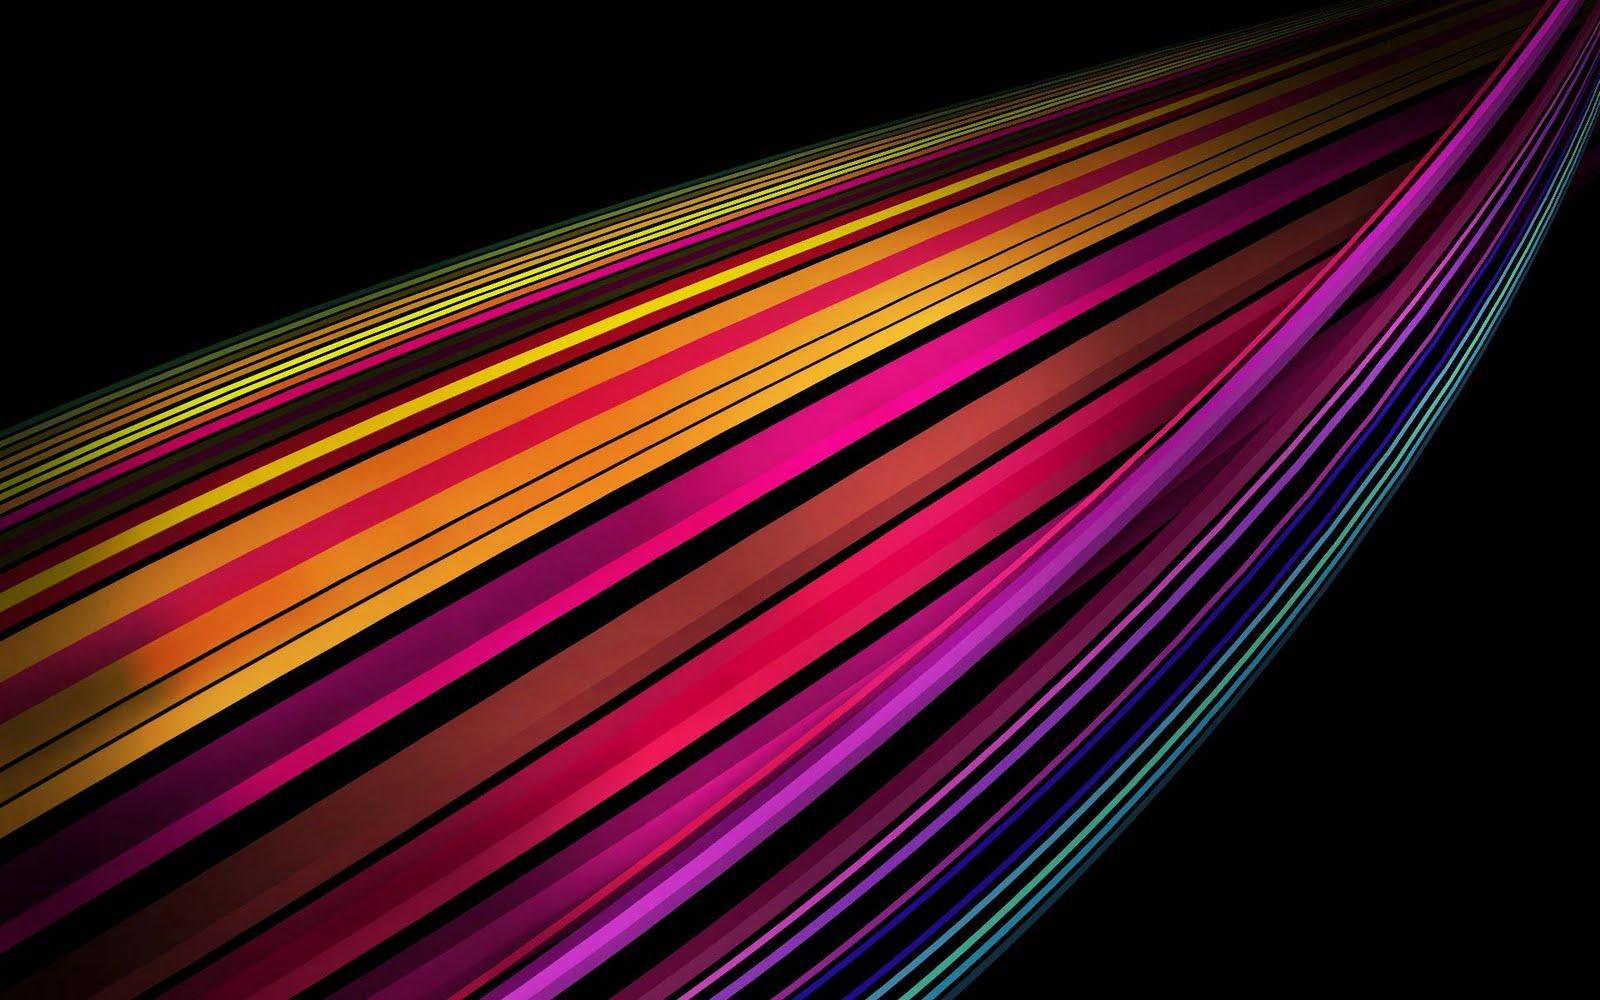 Wallpaper: Digital Art Widescreen Wallpapers